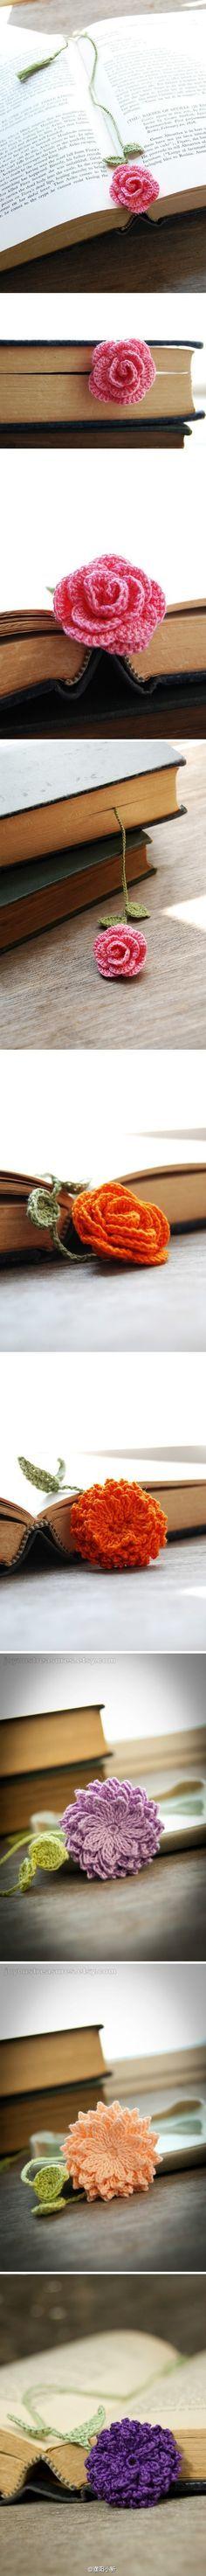 Crochet book marks - Separadores de libros en crochet #DIY #IDEA